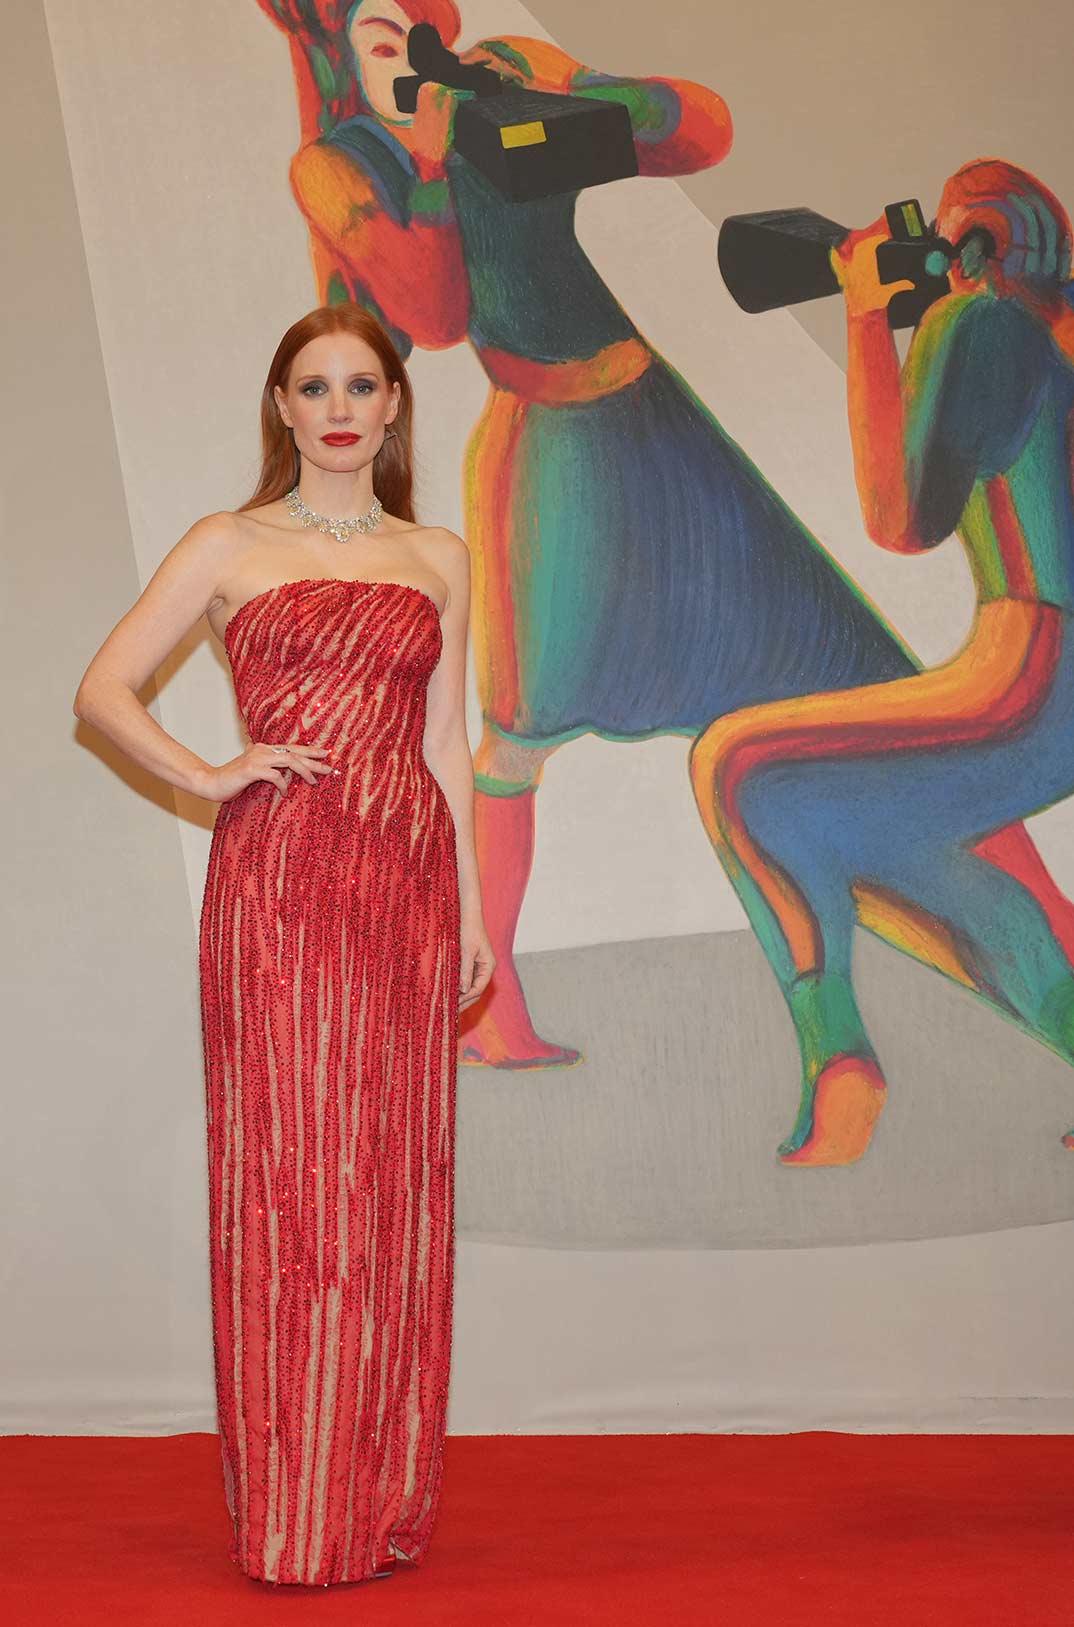 Jessica Chastain © La Biennale di Venezia - Foto ASAC de A Avezz